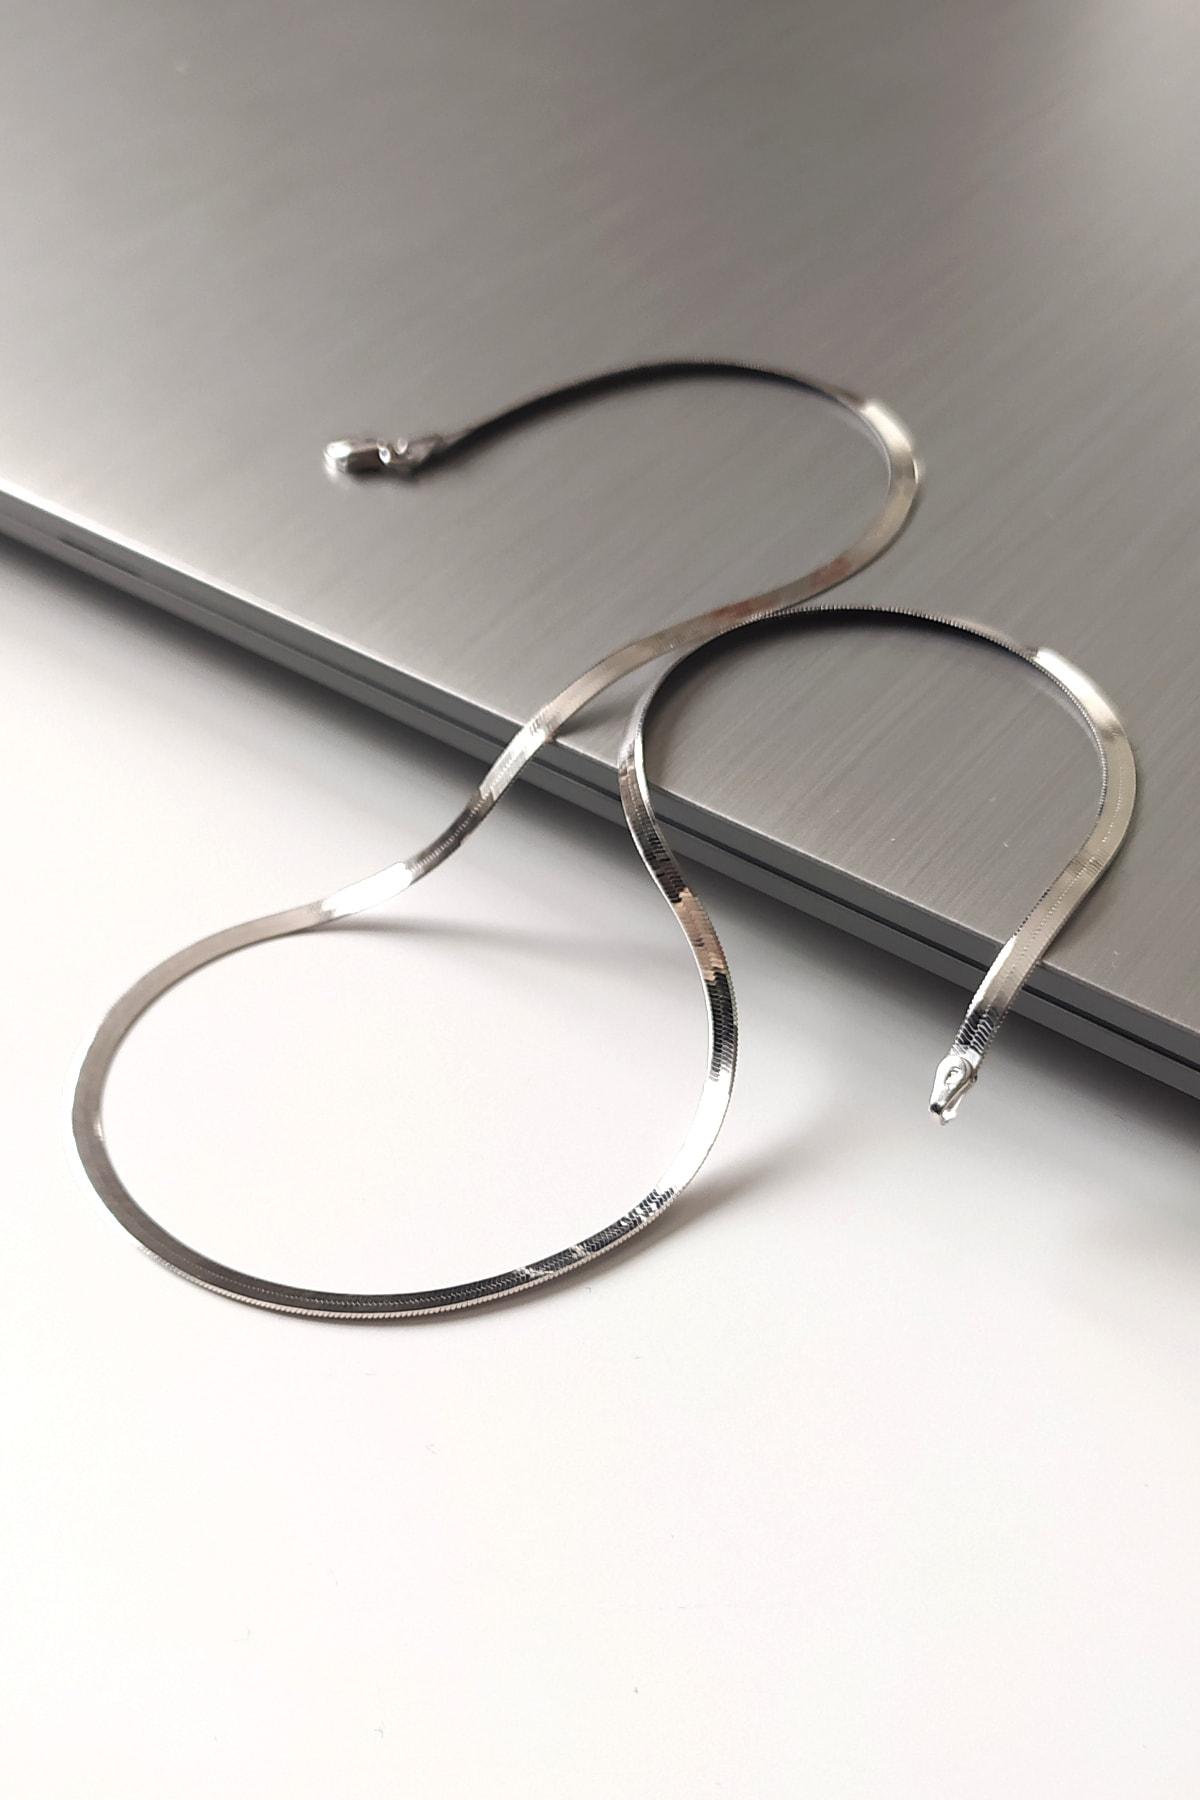 PIRAYE 925 Ayar Gümüş Orijinal Italyan Yassı Zincir Rodyum Kaplama (rodajlı) 45 Cm